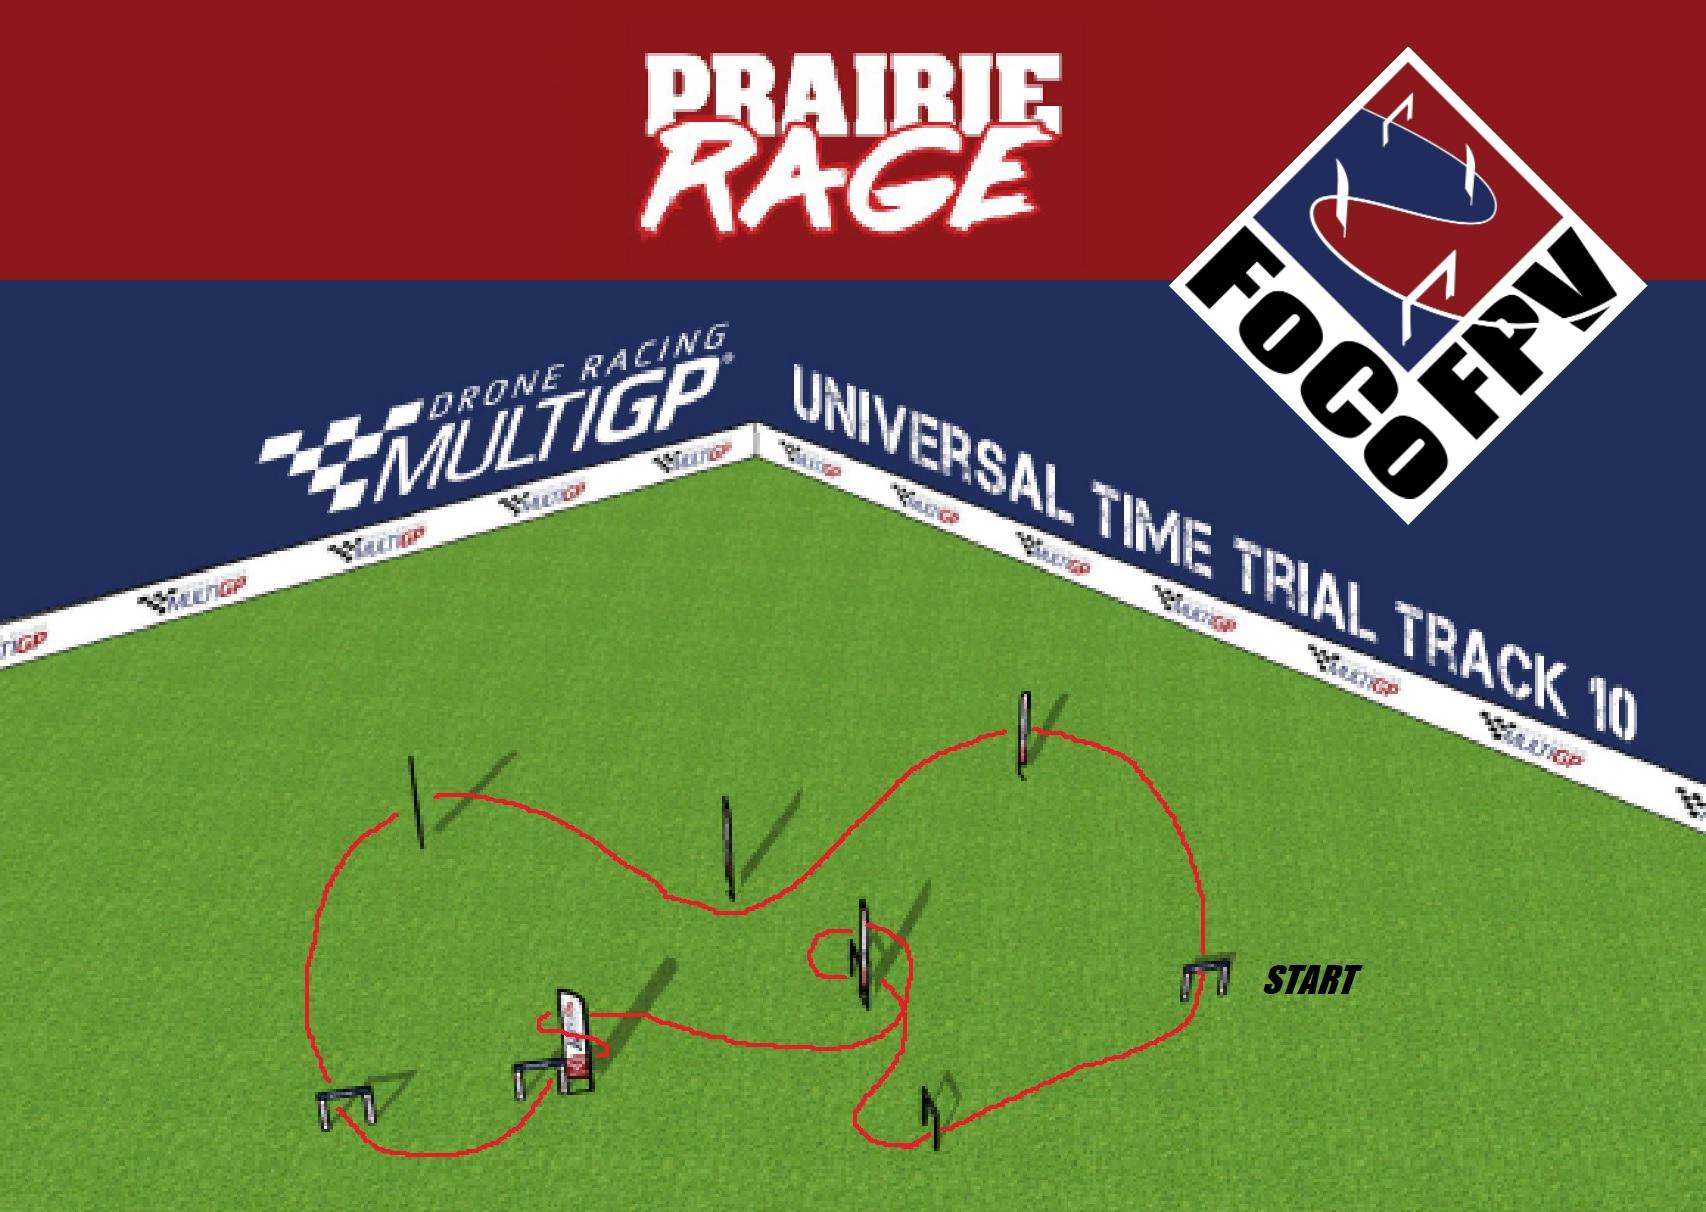 UTT10 - Another Prairie Rage